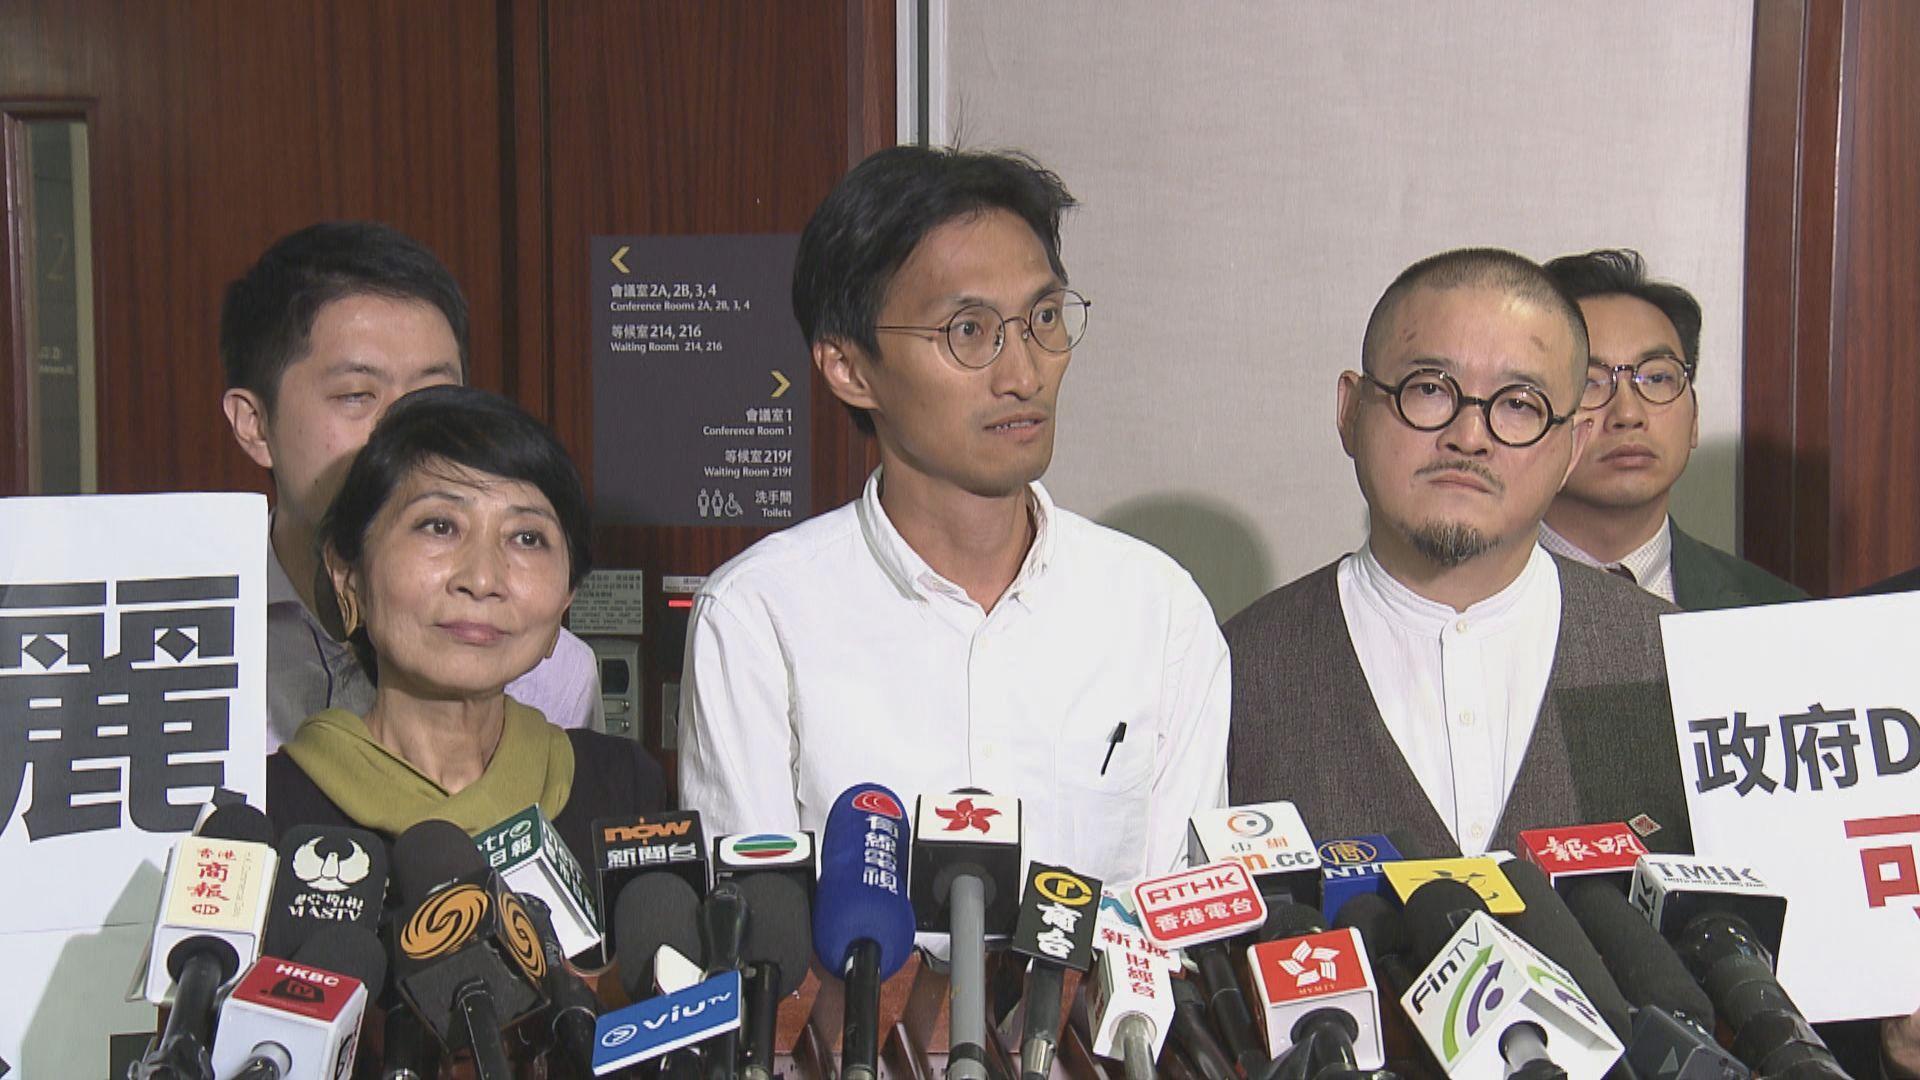 泛民主派批評政府剝奪劉小麗政治權利